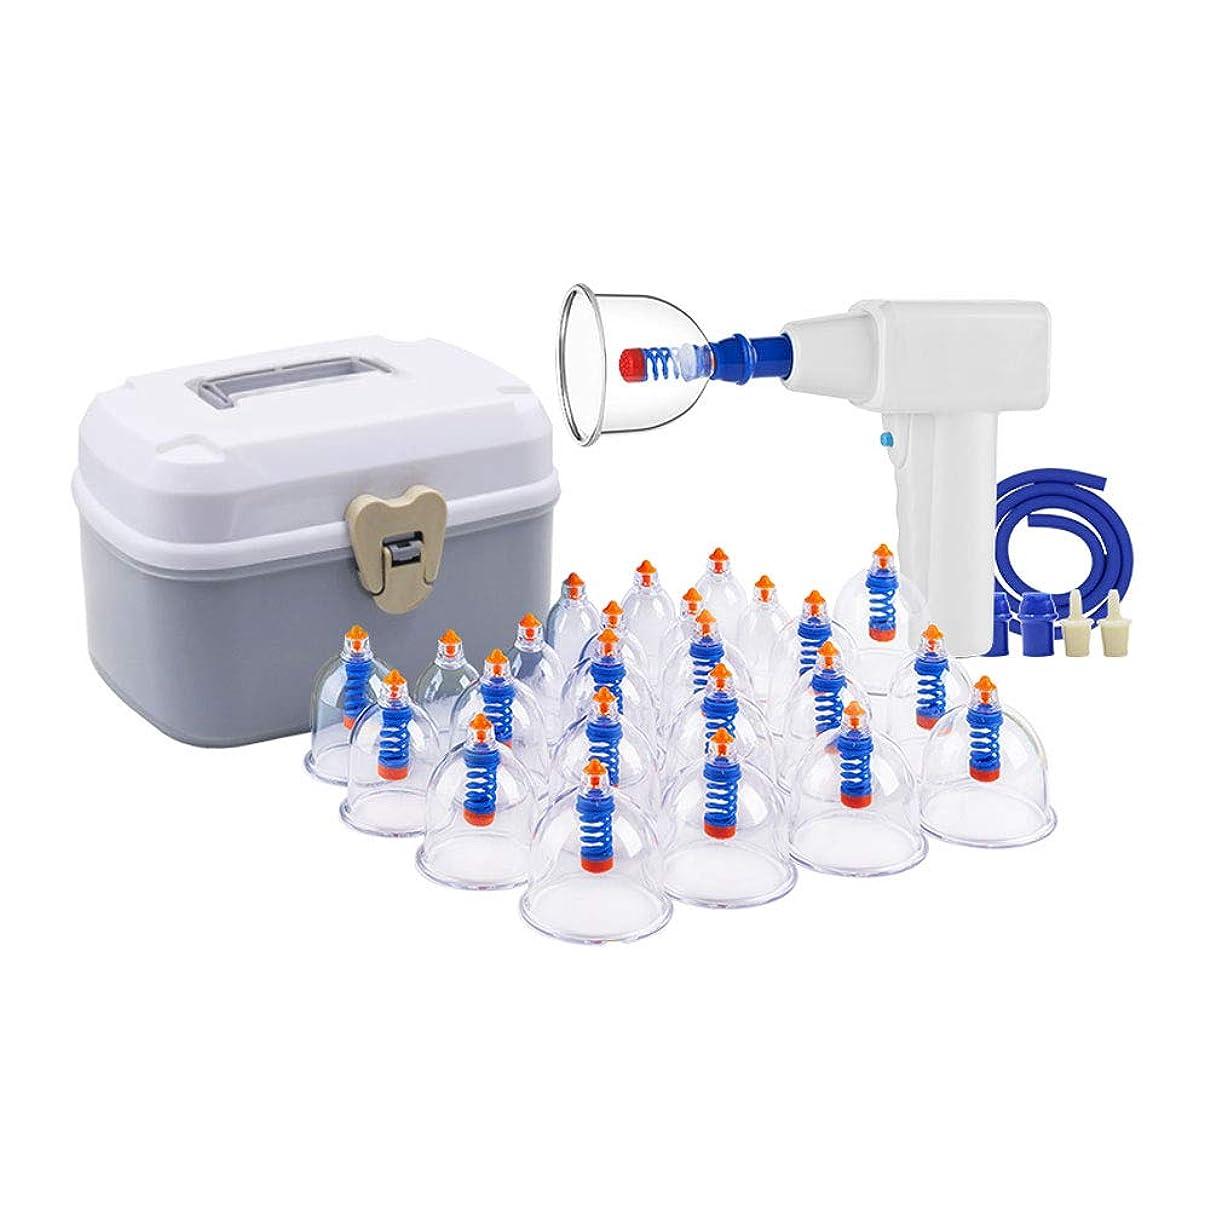 拒絶するミント不定カッピング装置 - 家庭用電気プロフェッショナルカッピング治療装置24カップは、大人と高齢者に適したポンプと伸展チューブで設定 美しさ